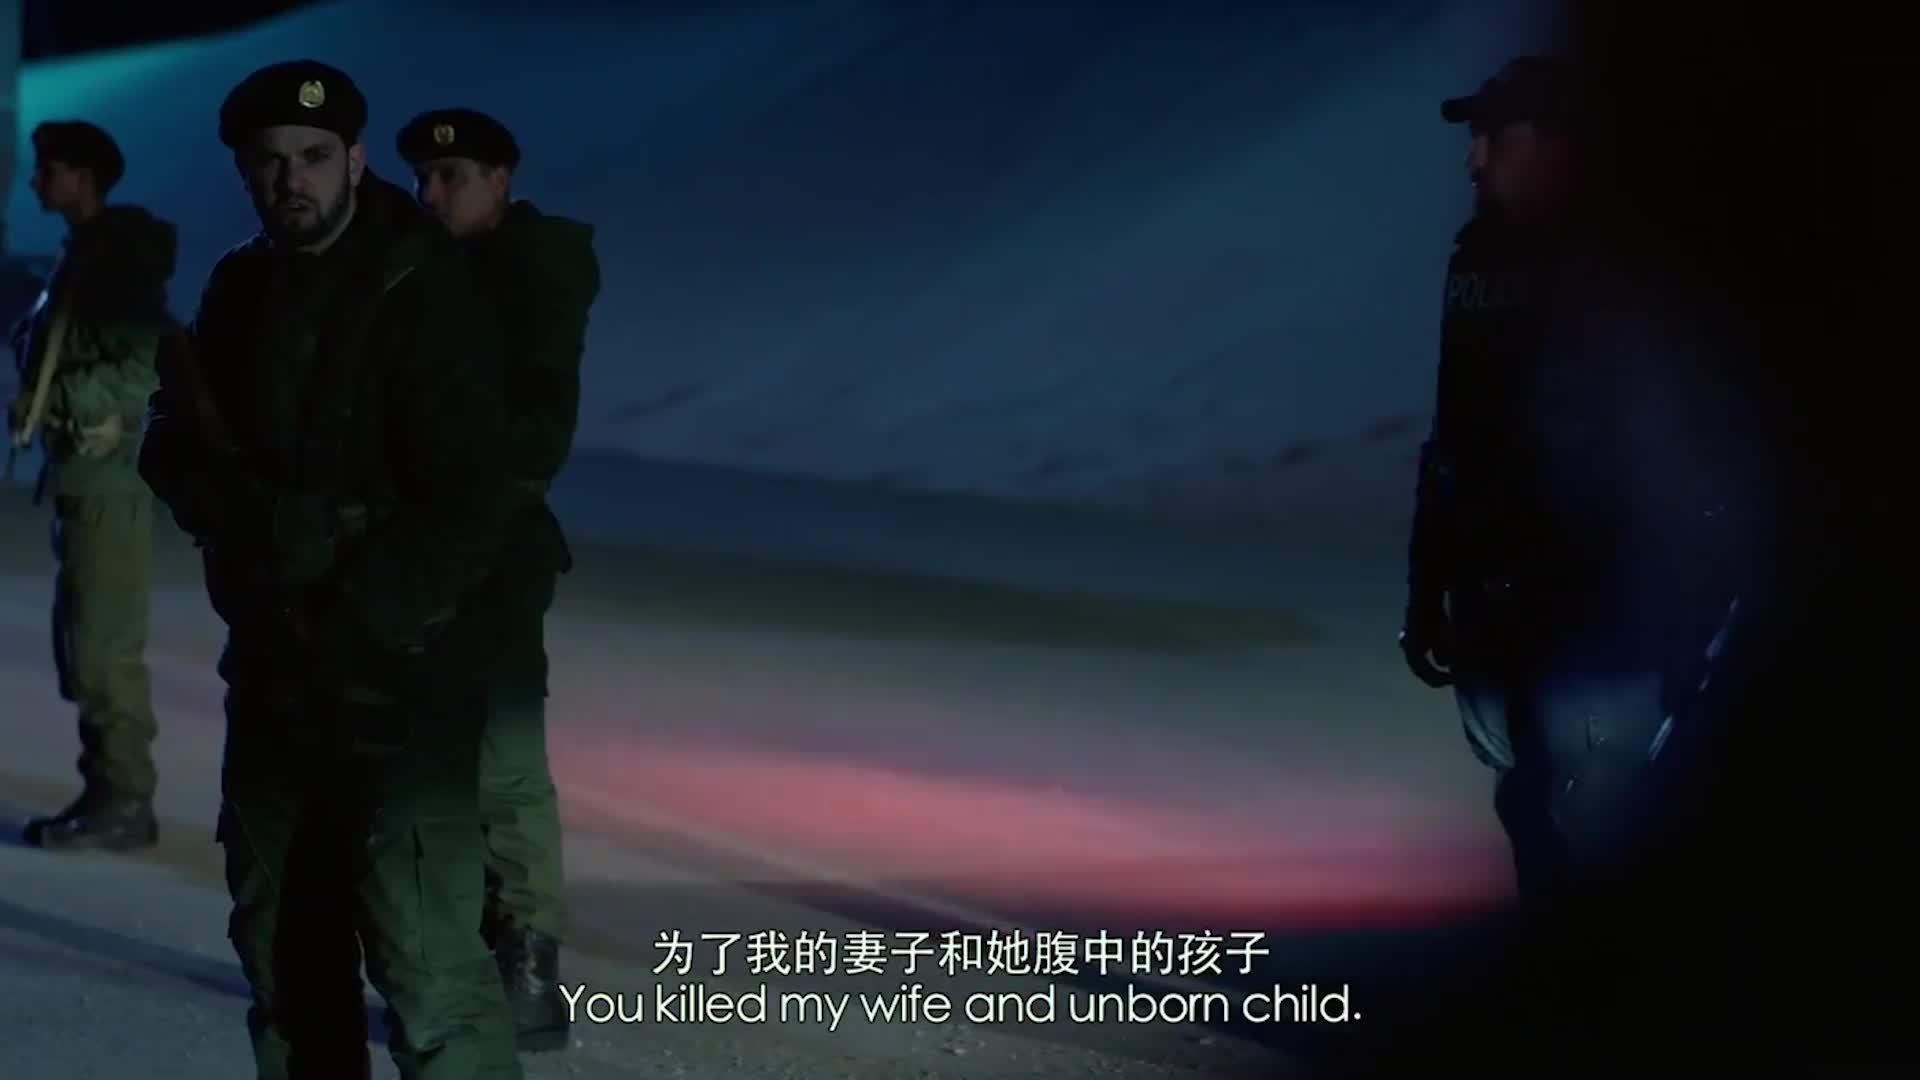 真实可恶的恶魔,所有人都出动,中国大使馆的手段